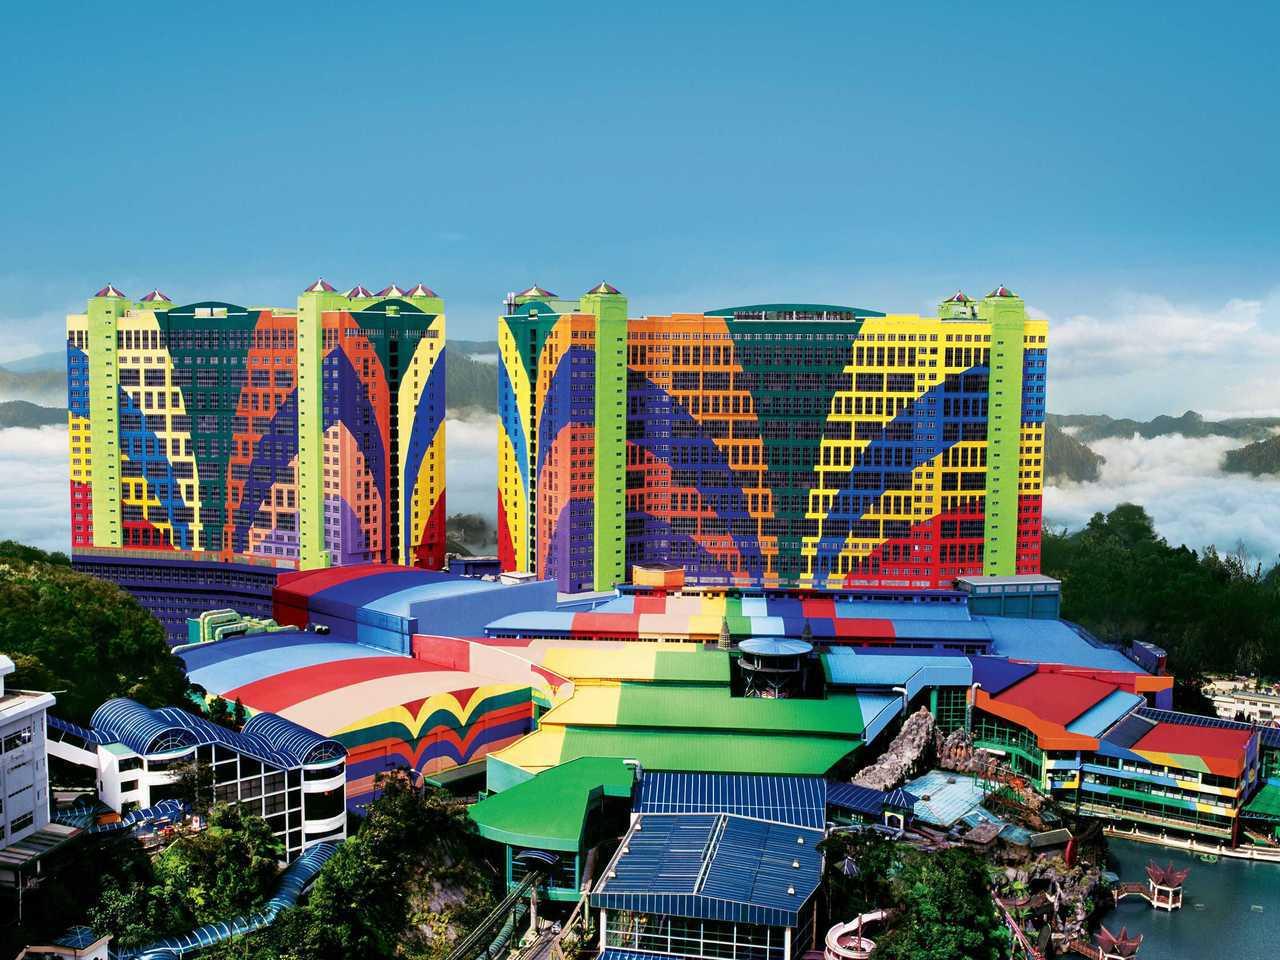 位於雲頂高原上的第一世界酒店擁有全球最多的客房數,每晚僅需672元起。圖片提供/...